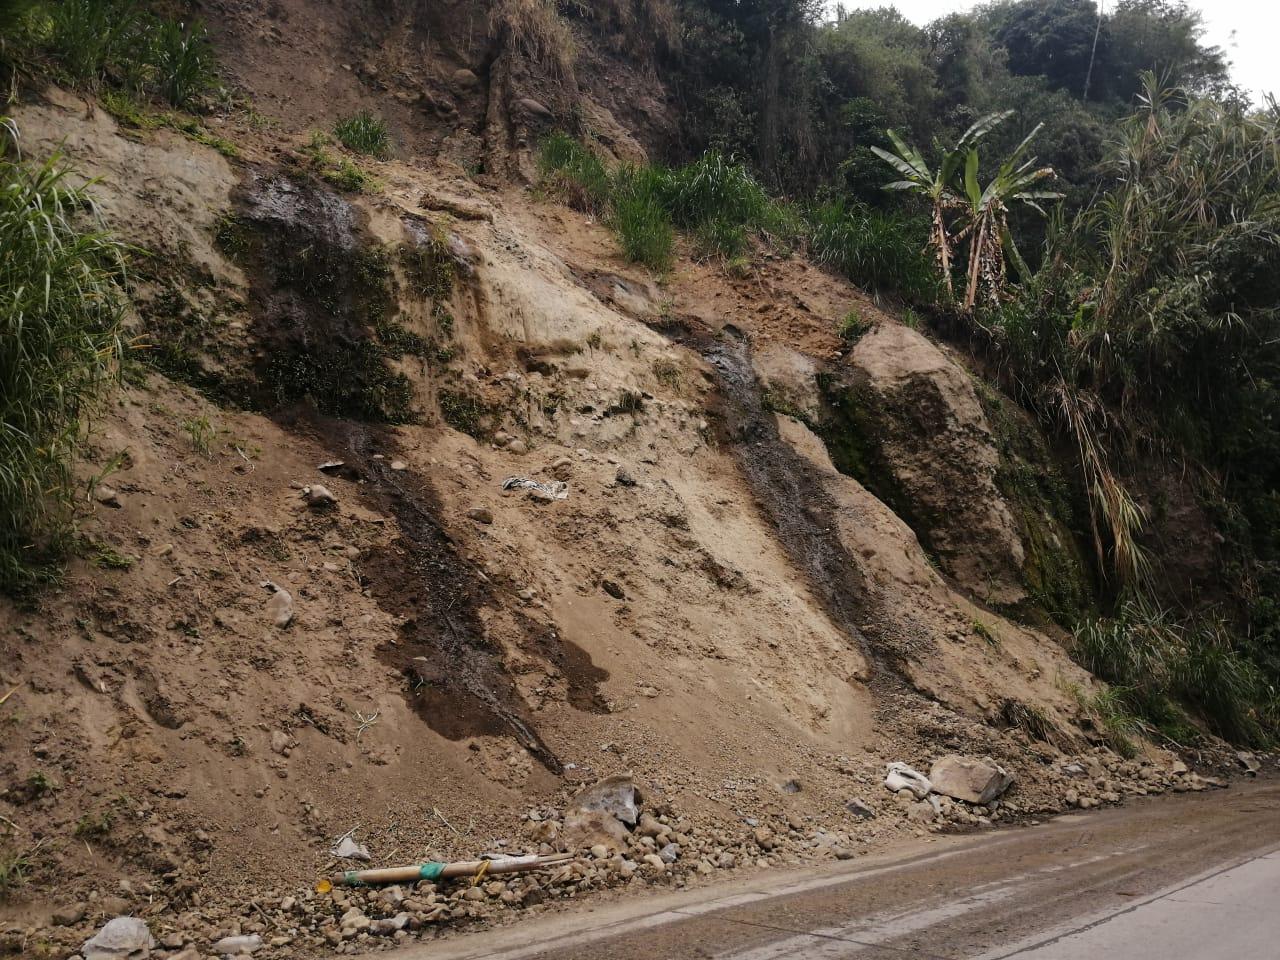 Reinician labores de mitigación en el sector de La Vega